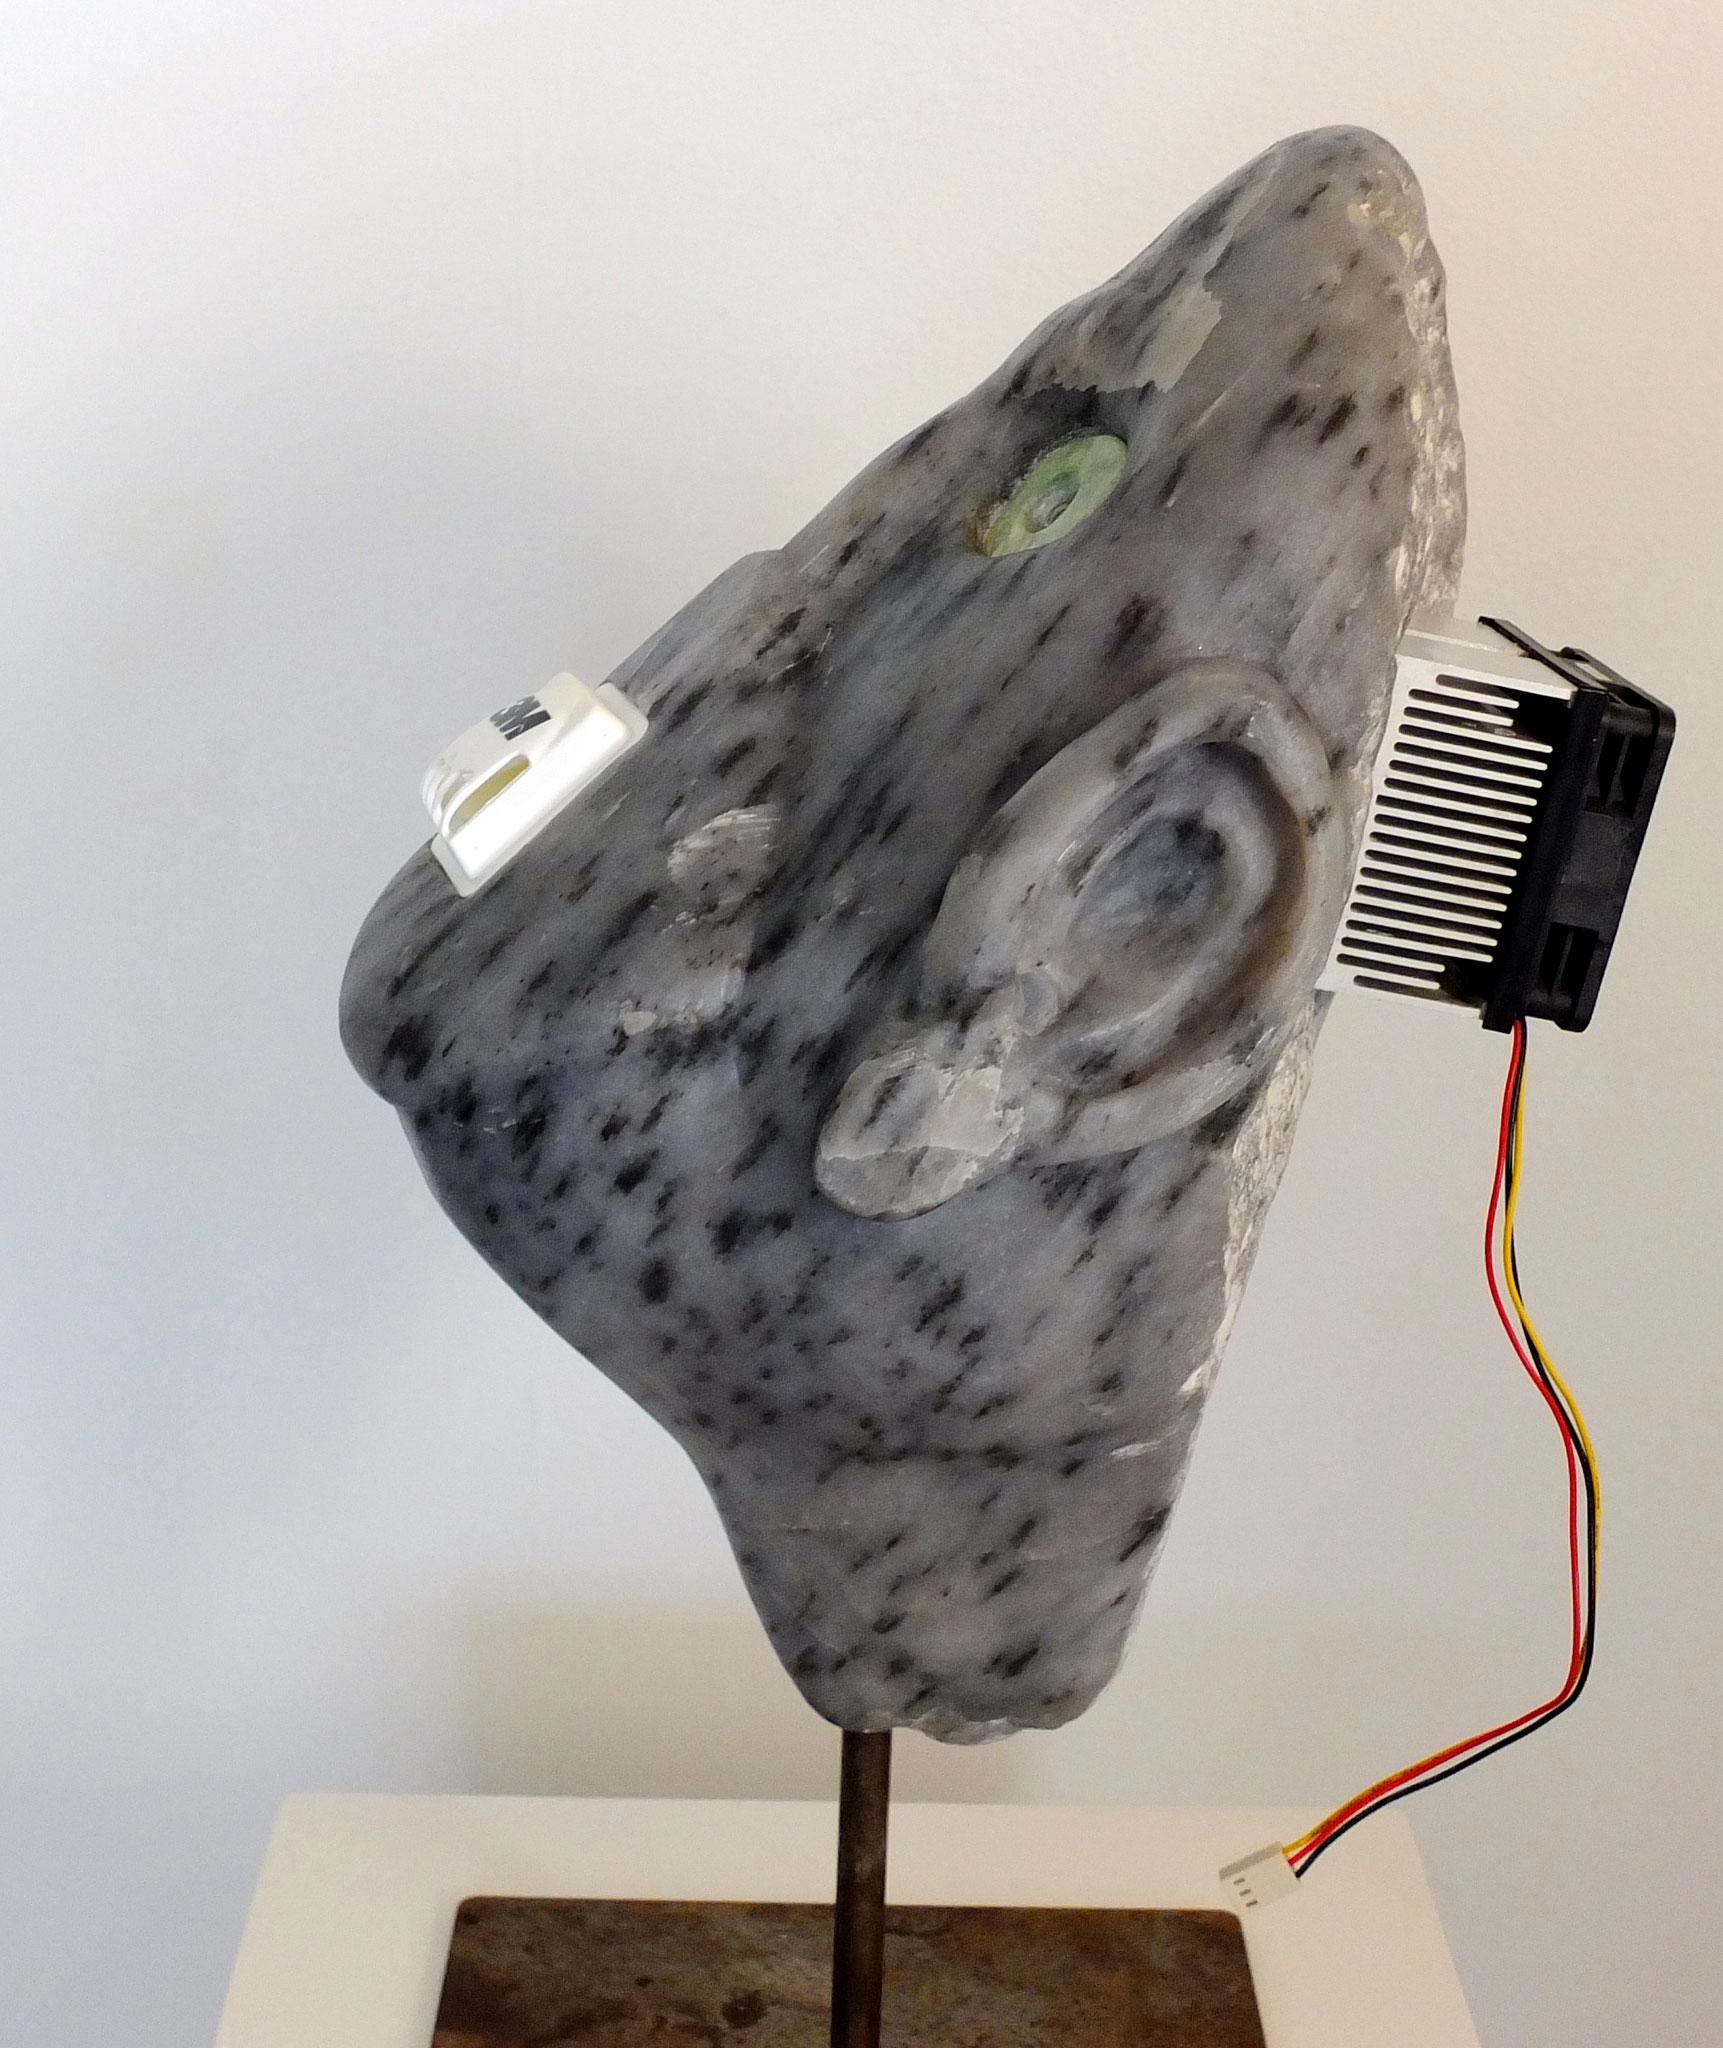 soapstone, e-waste, 3M maskenventil